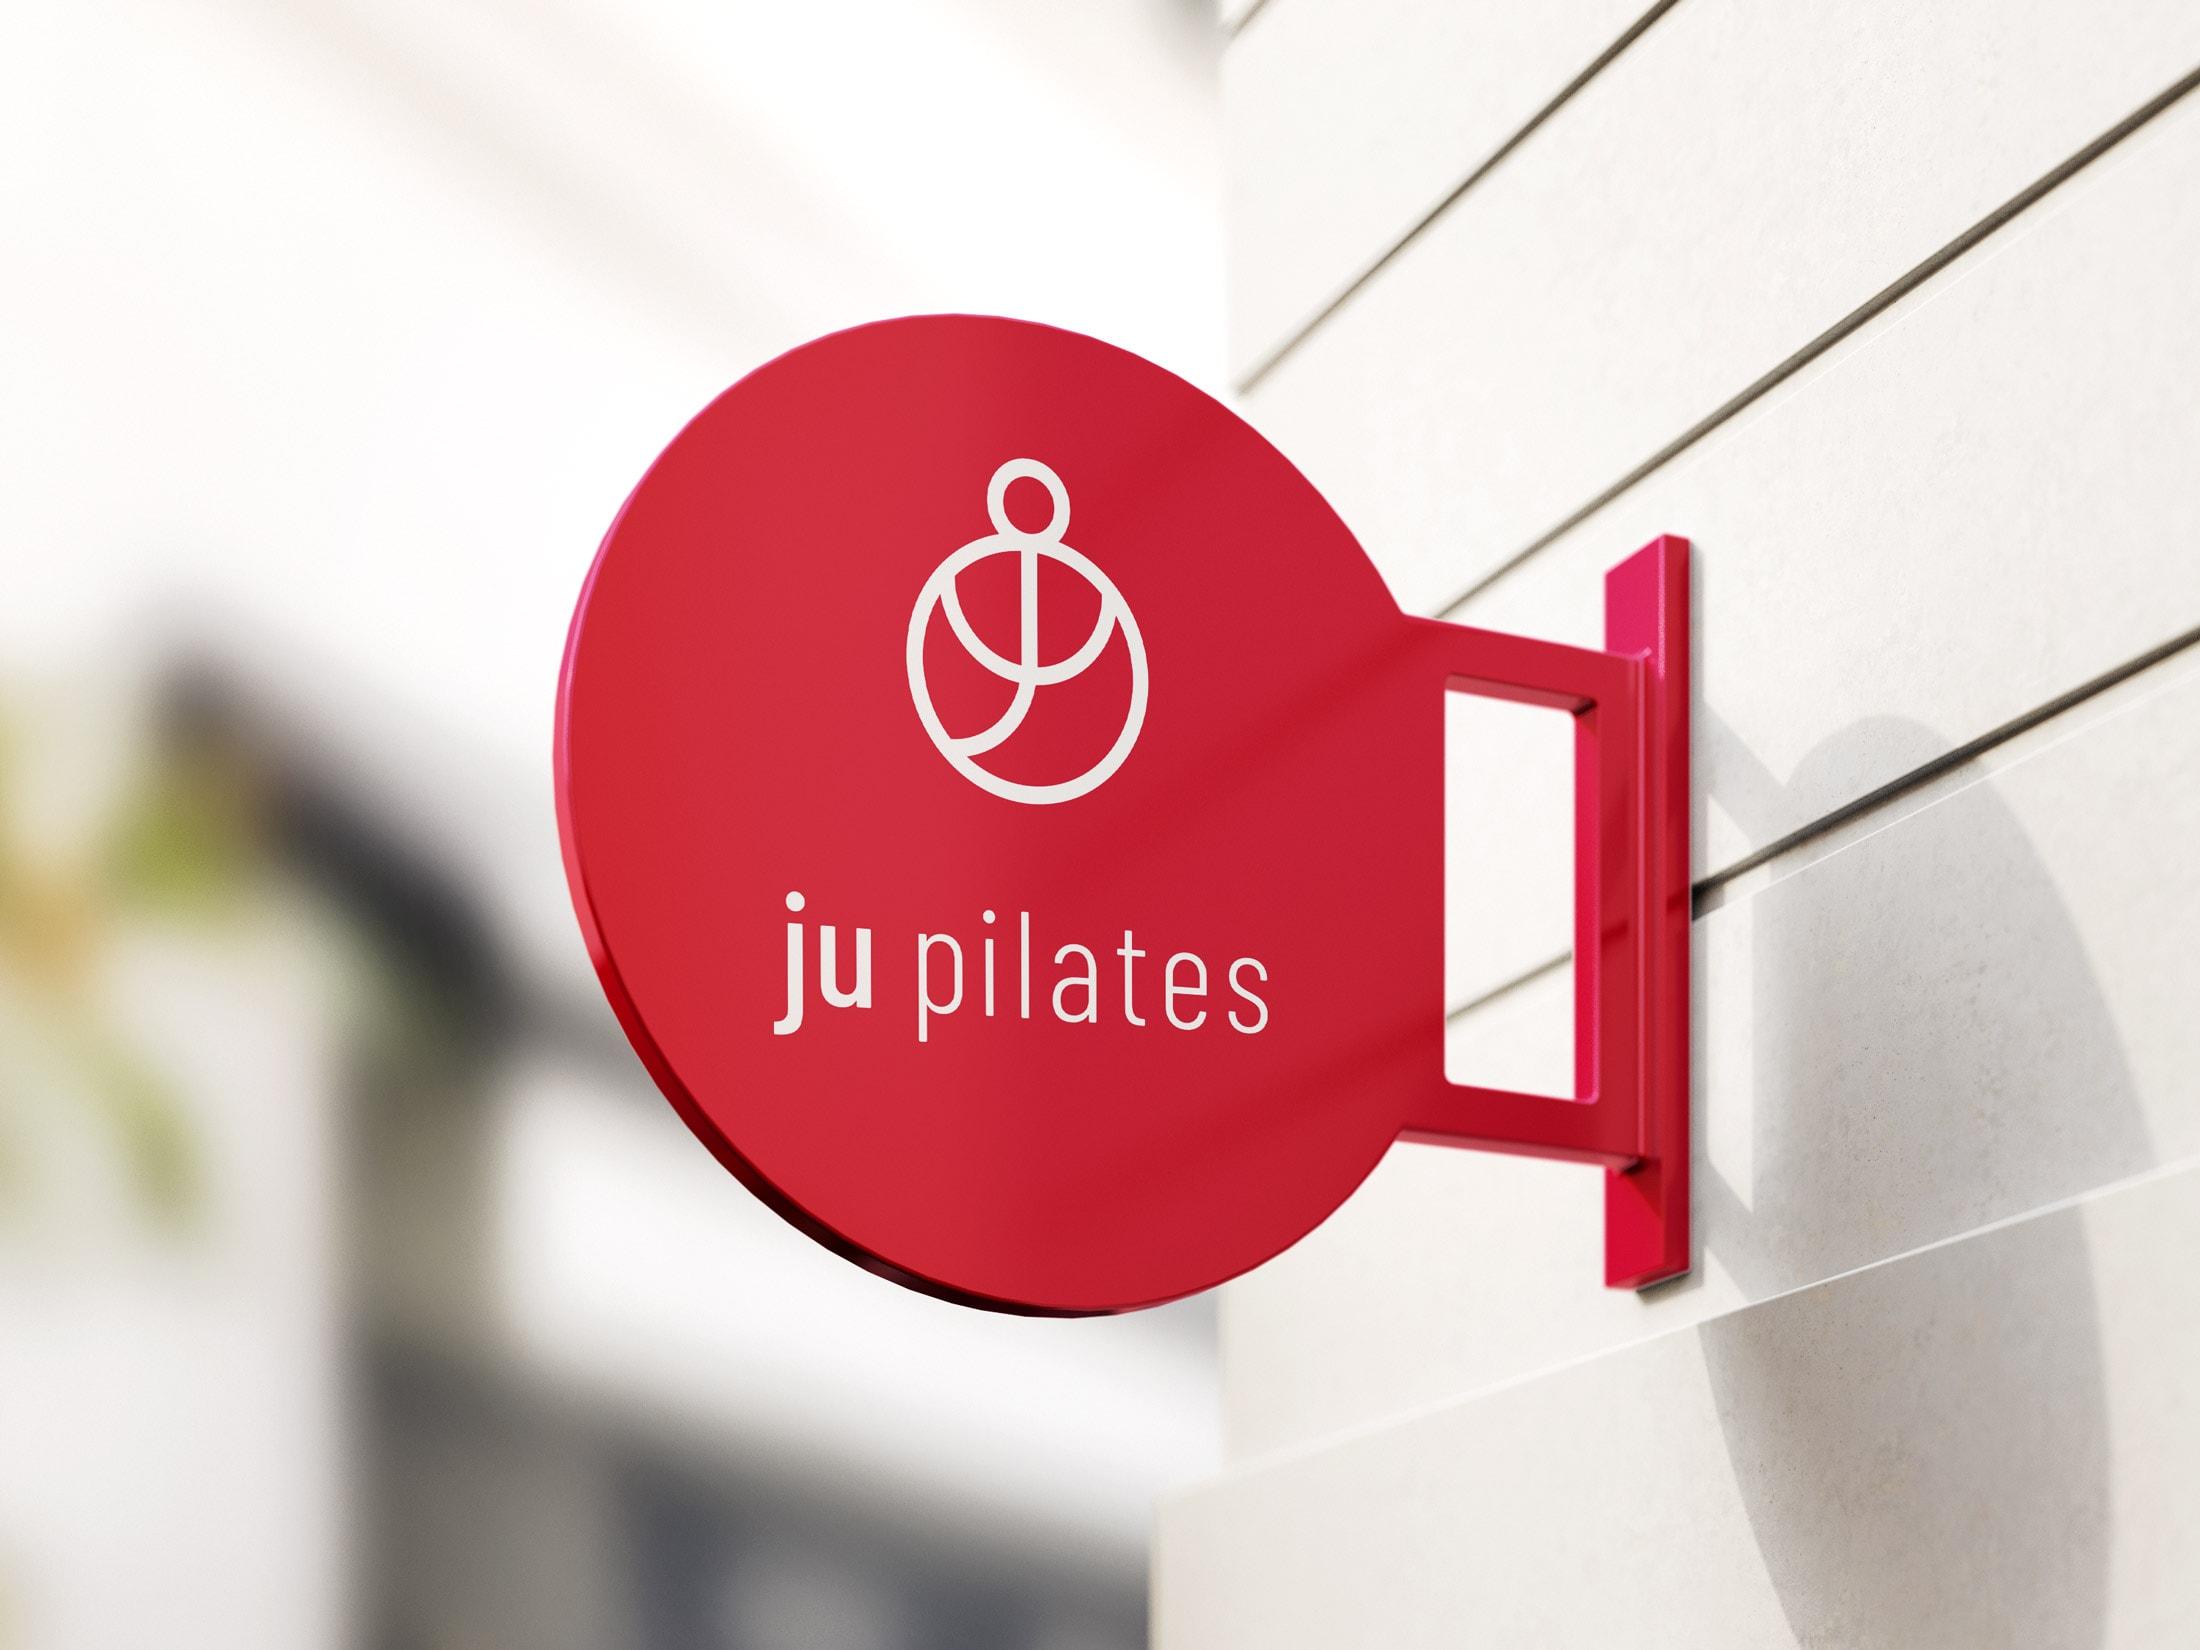 Ju Pilates Sign